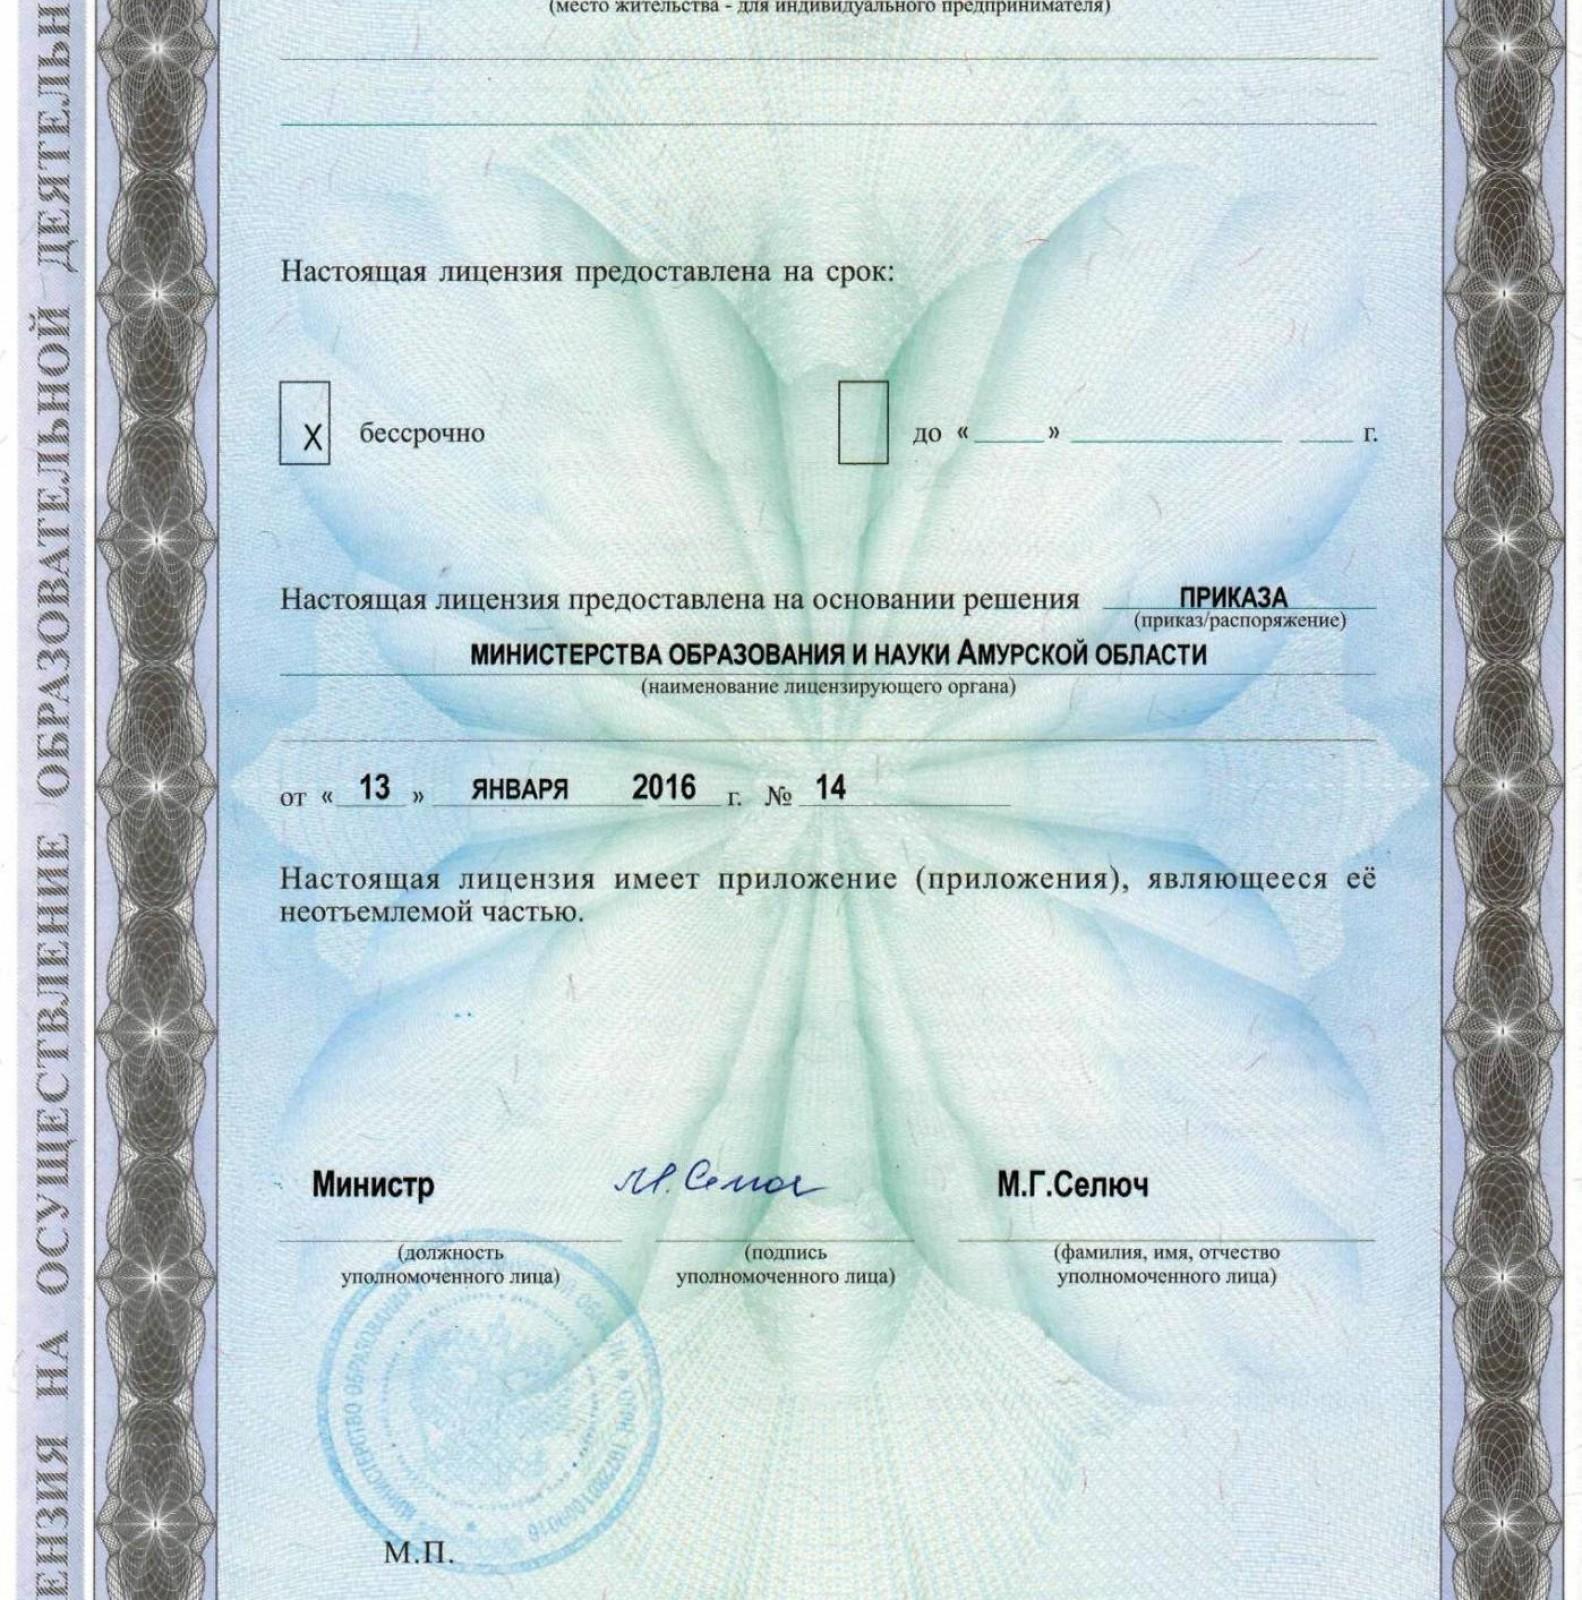 Лицензия на осуществление образовательной деятельности 2